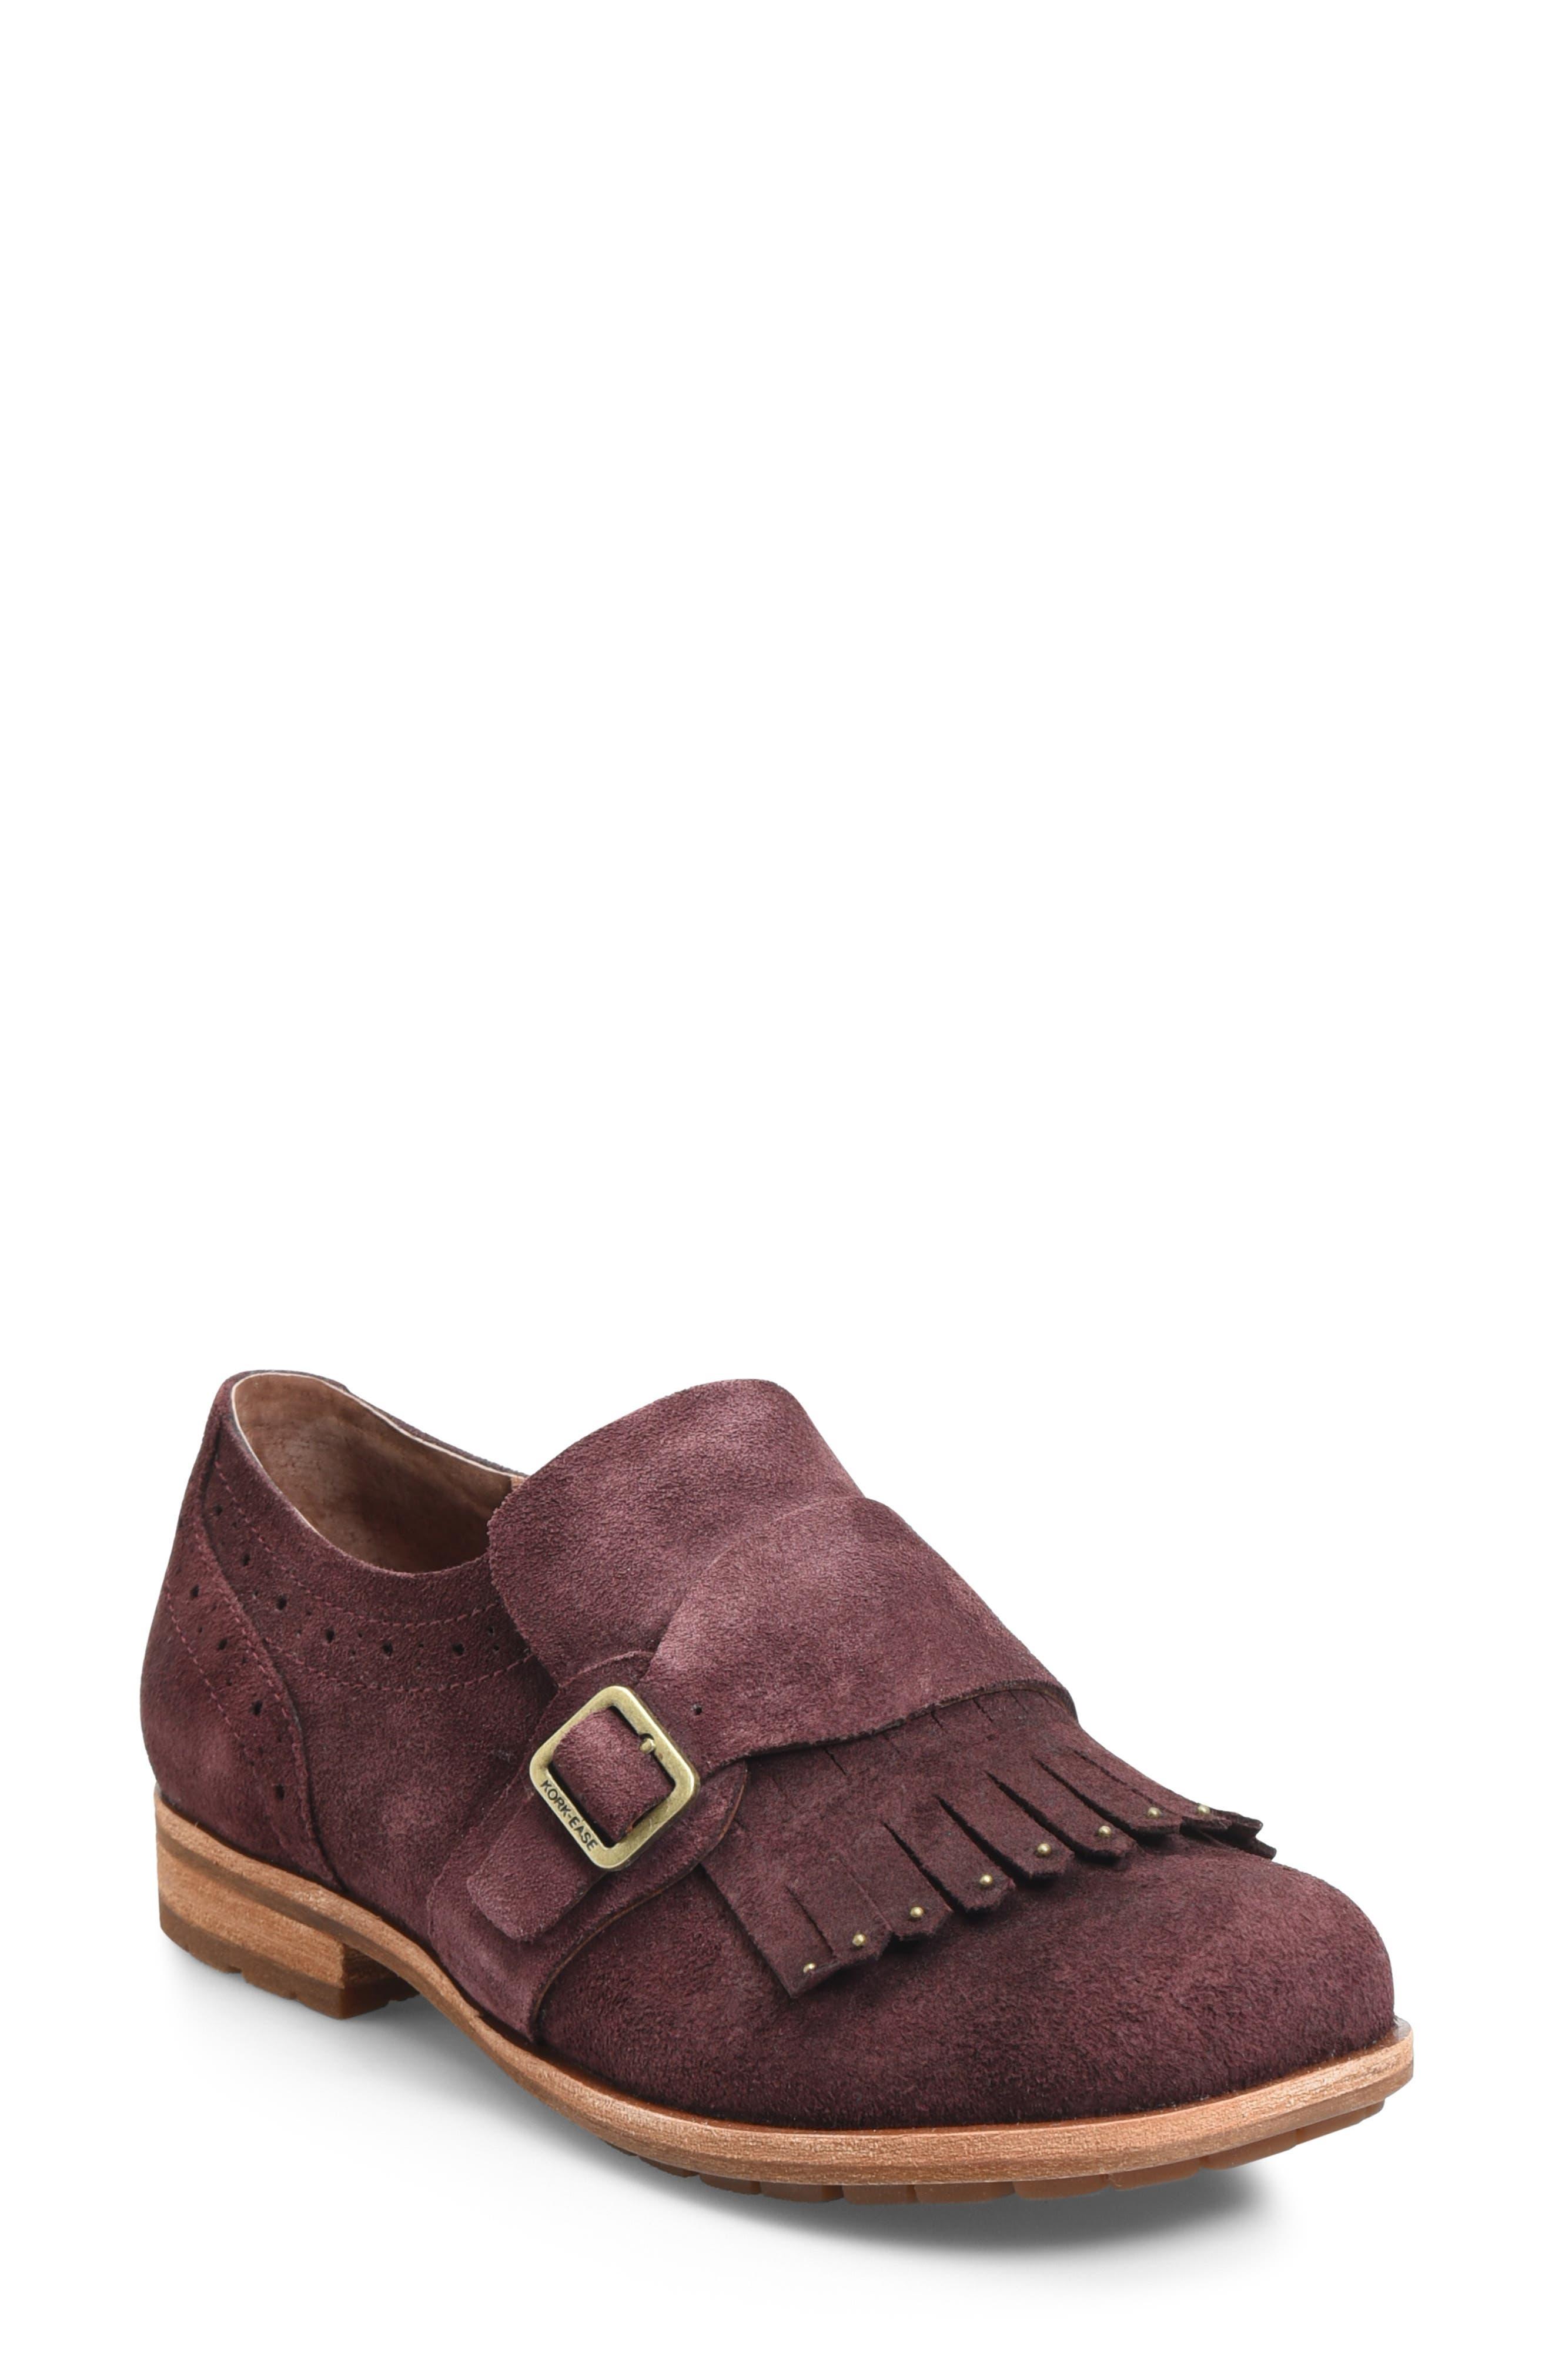 Image of Kork-Ease Bailee Kiltie Monk Strap Shoe